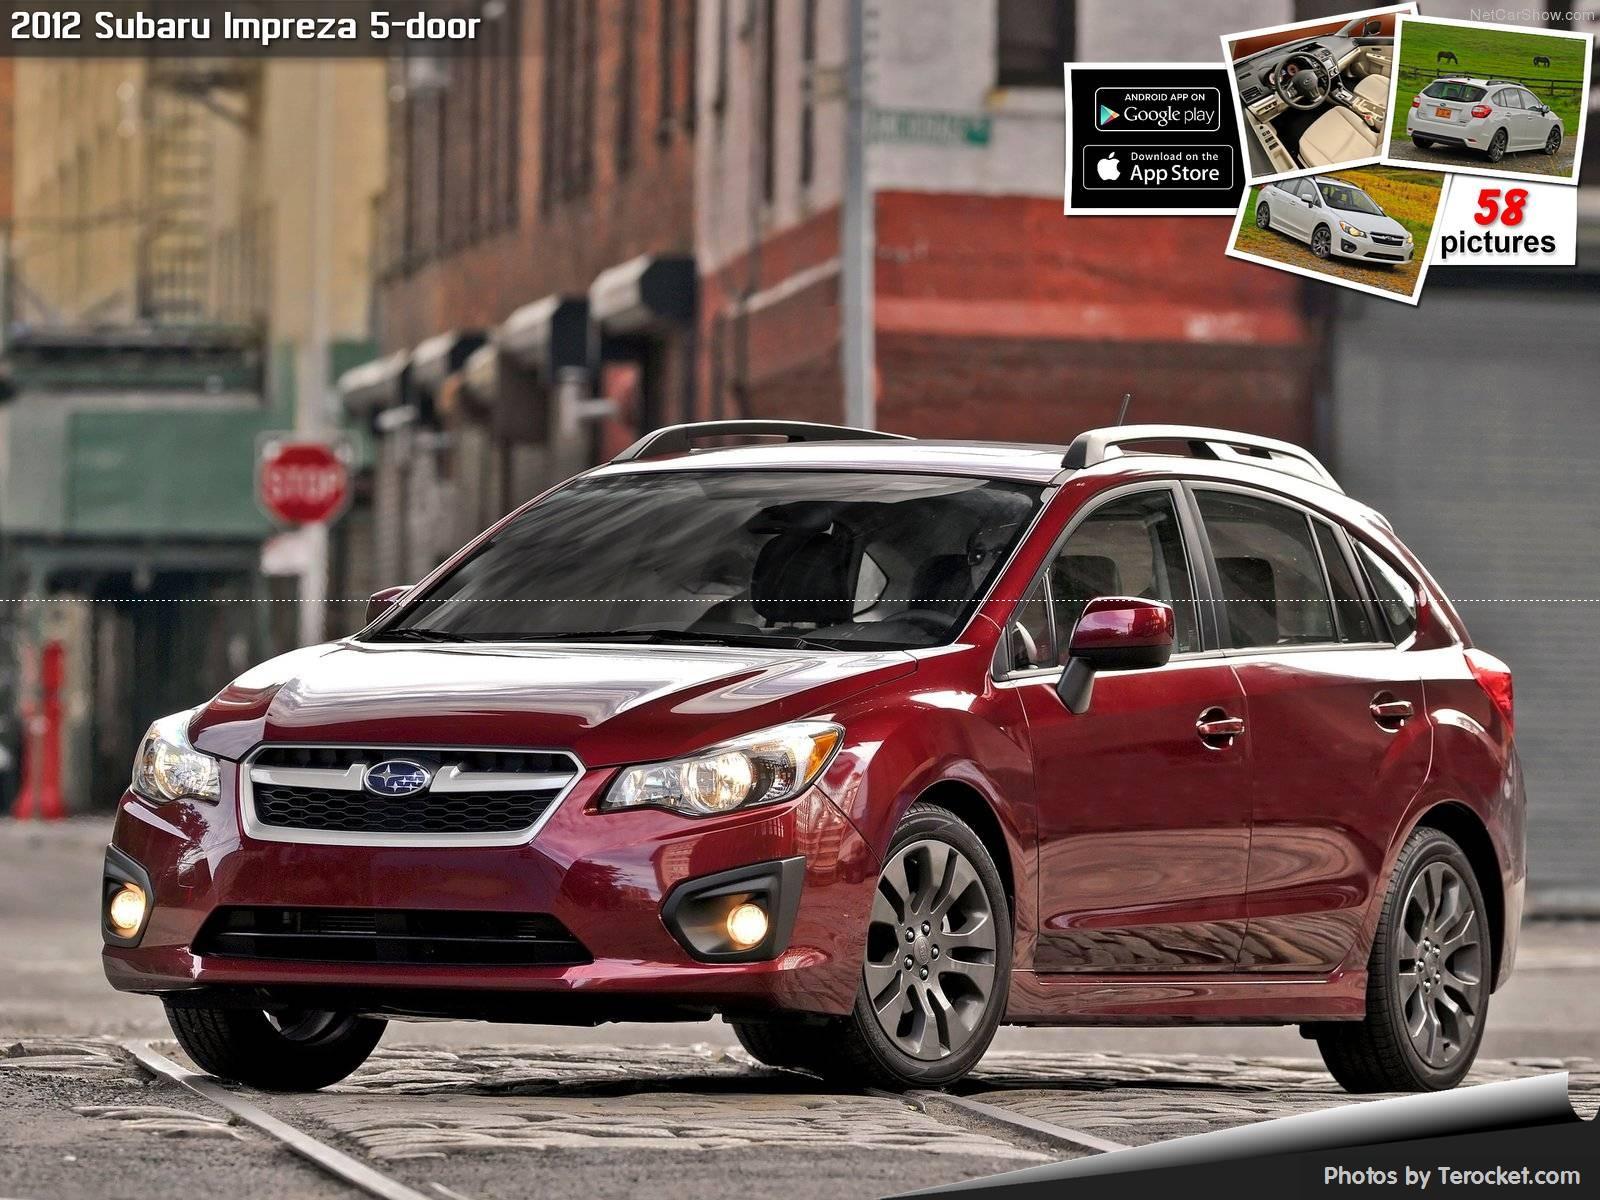 Hình ảnh xe ô tô Subaru Impreza 5-door 2012 & nội ngoại thất